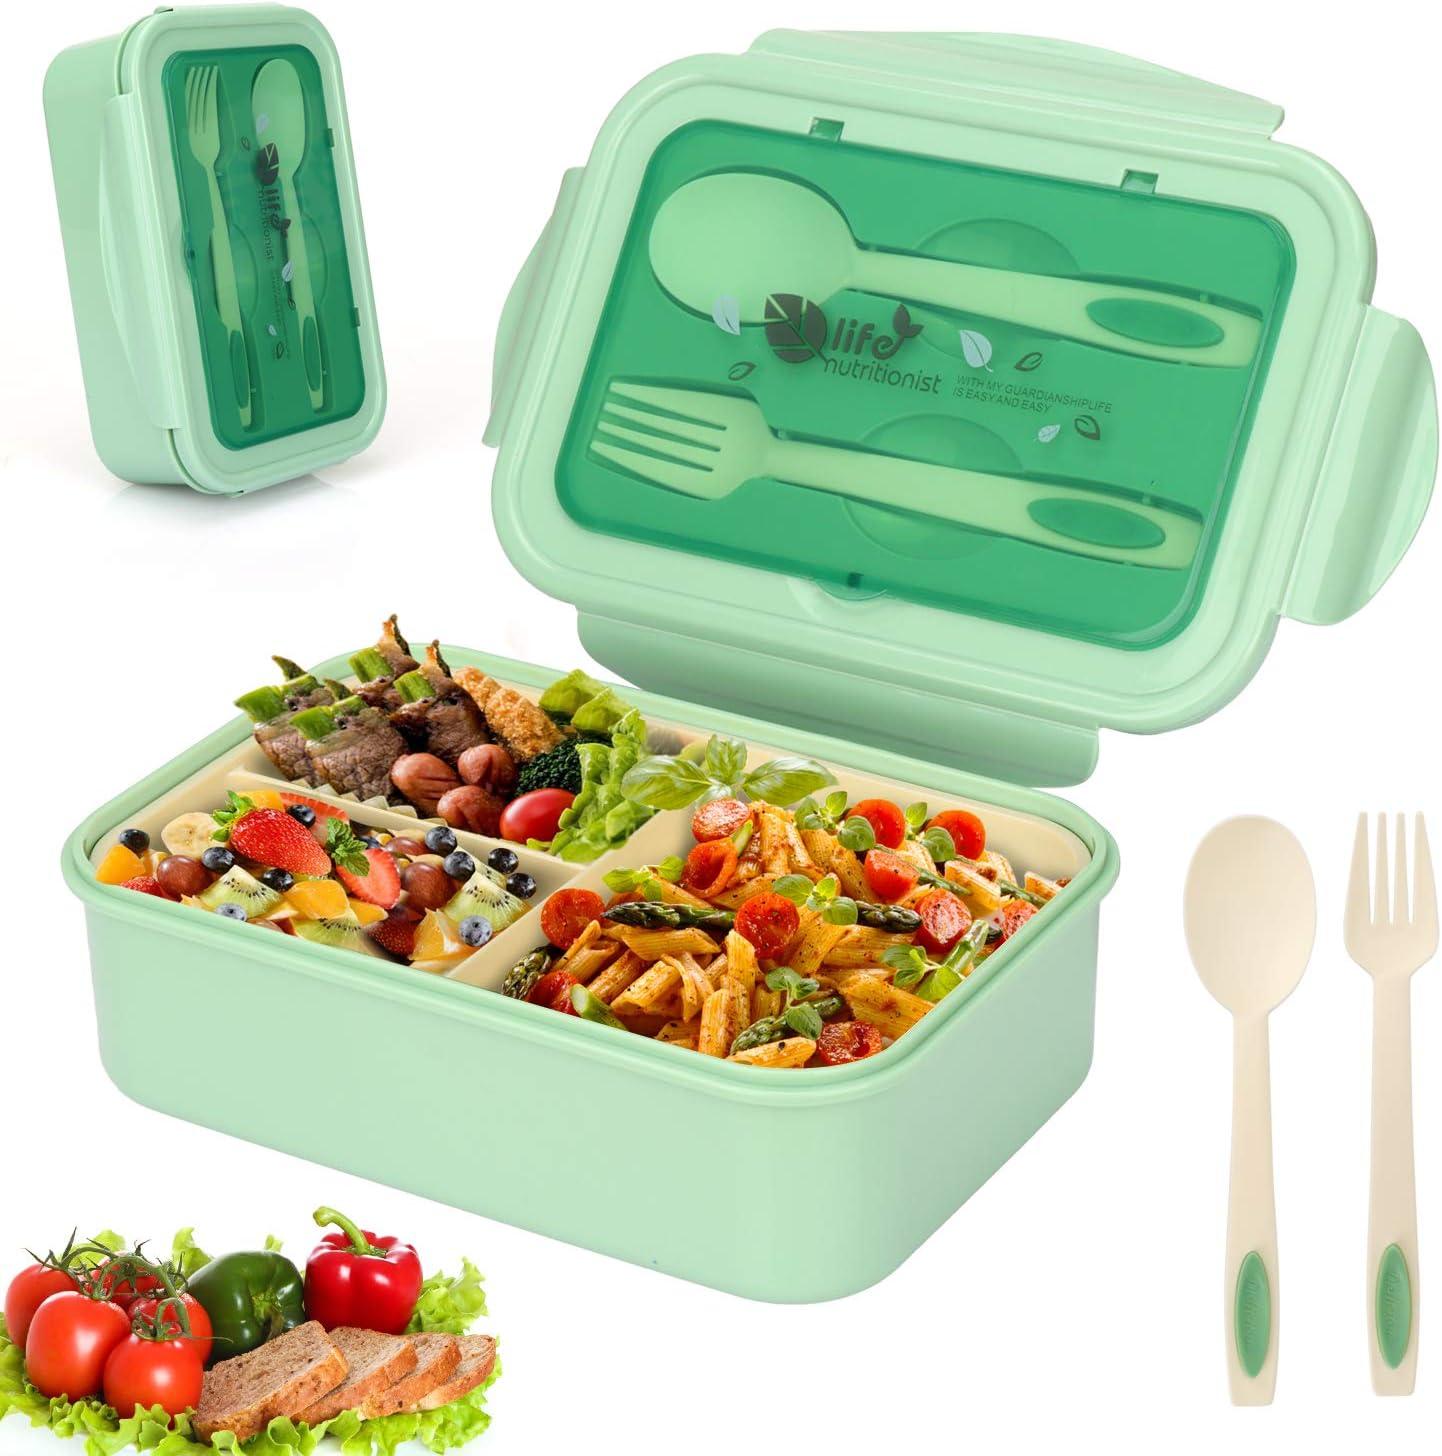 Sinwind Fambrera Infantil, Lunch Box, Bento Box, Fiambrera con 3 Compartimientos, Cuchara Tenedor Lonchera, Bento Box Sostenible, para Microondas y Lavavajillas (Verde)